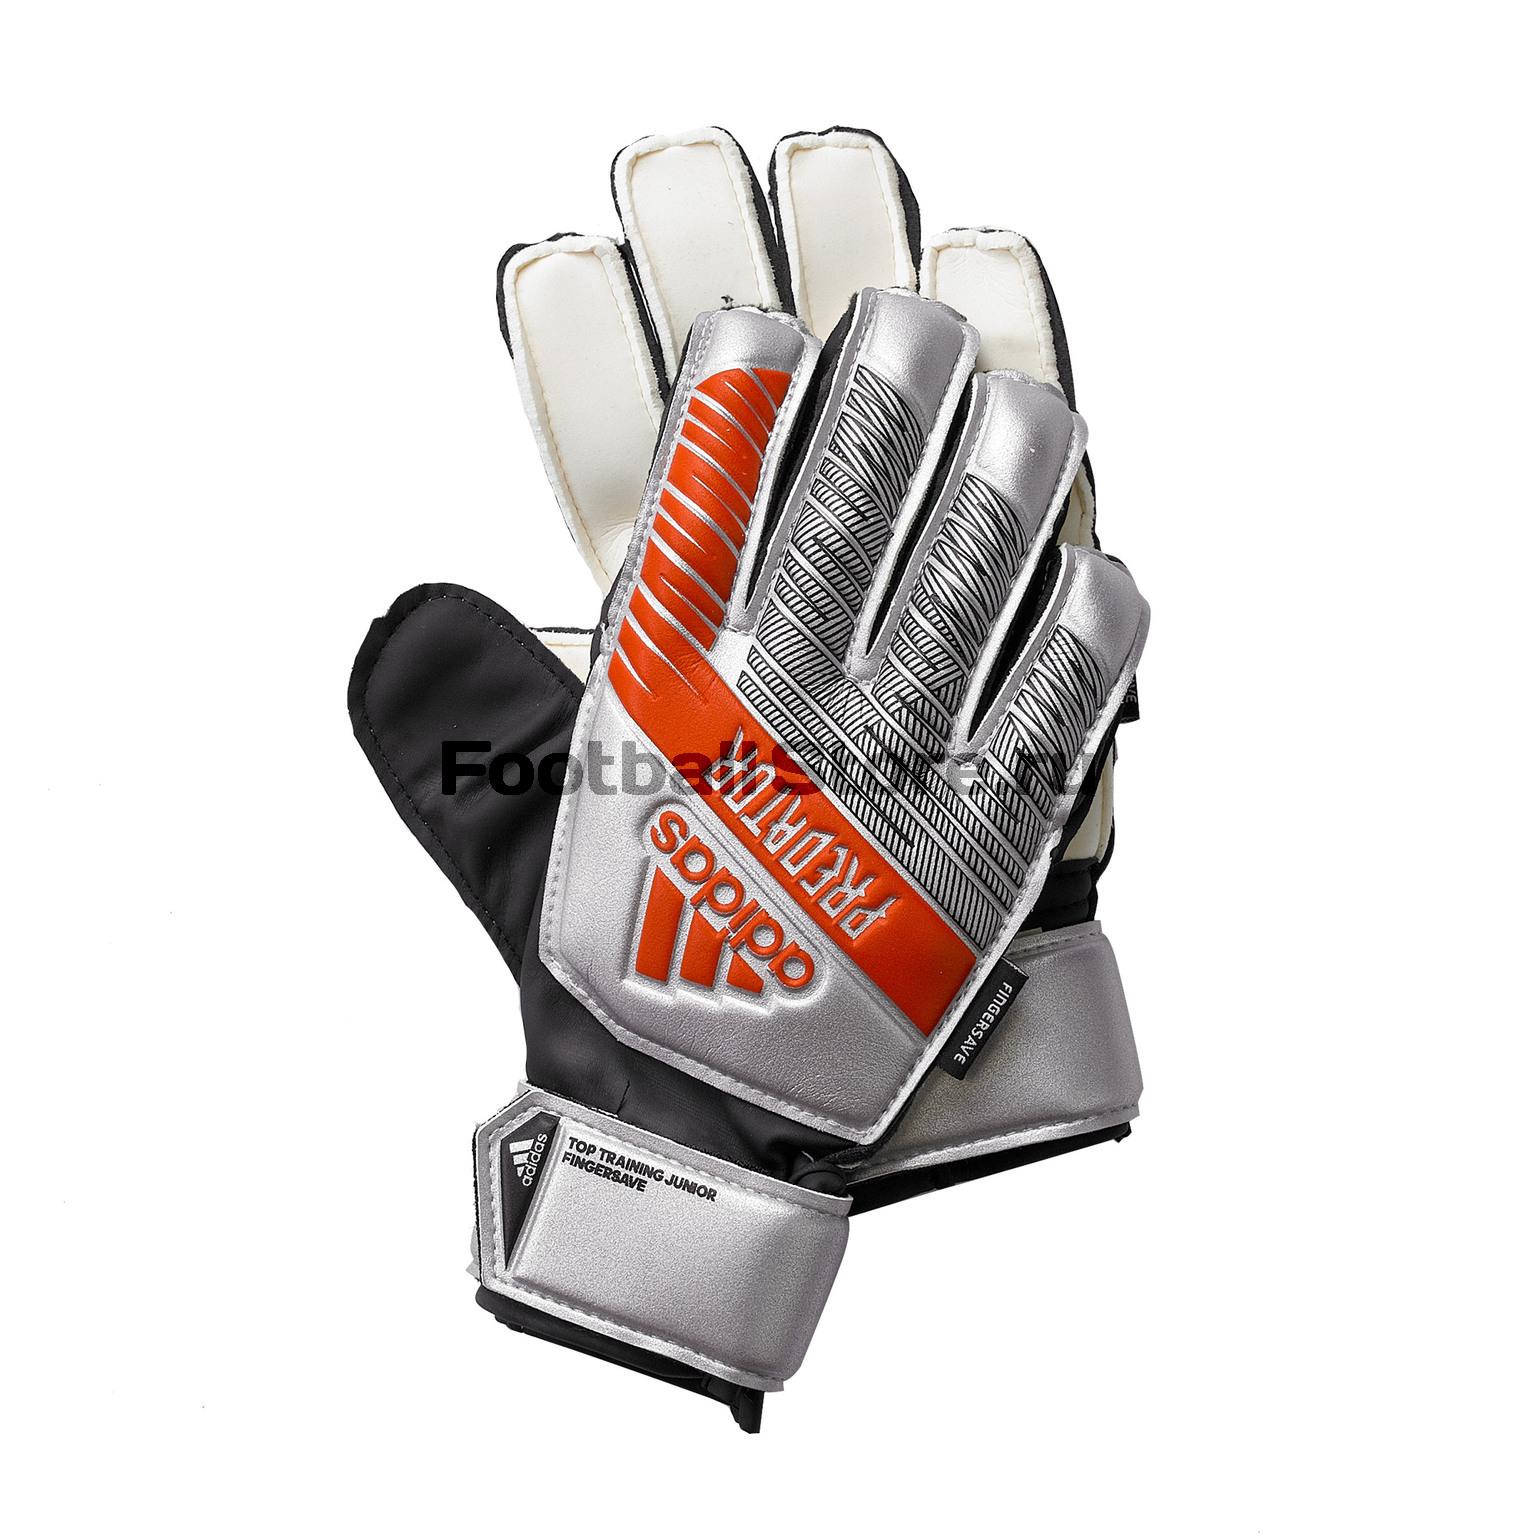 Перчатки вратарские детские Adidas Predator Training FS DY2602